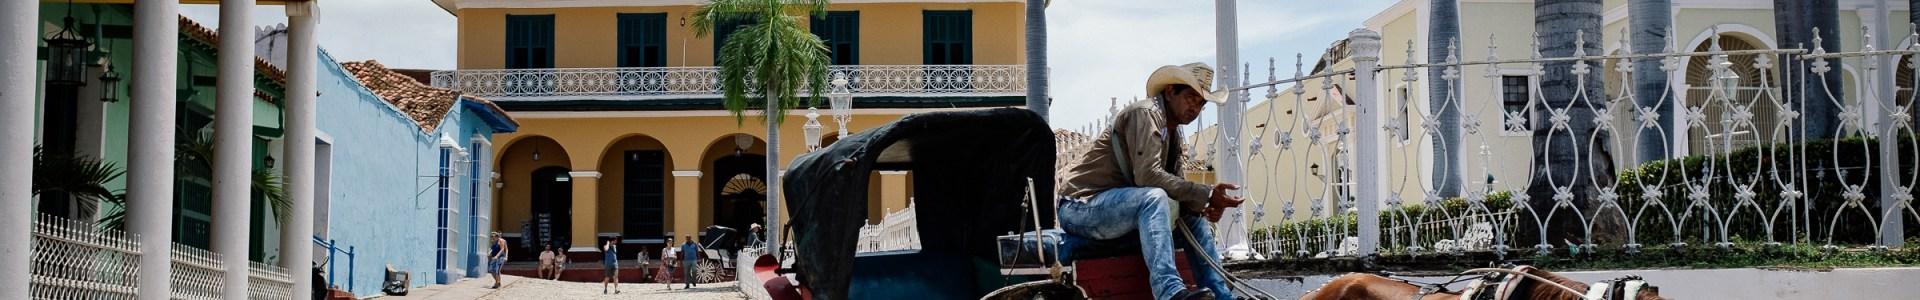 19 Fotos Trinidad – Domino mit alten Damen